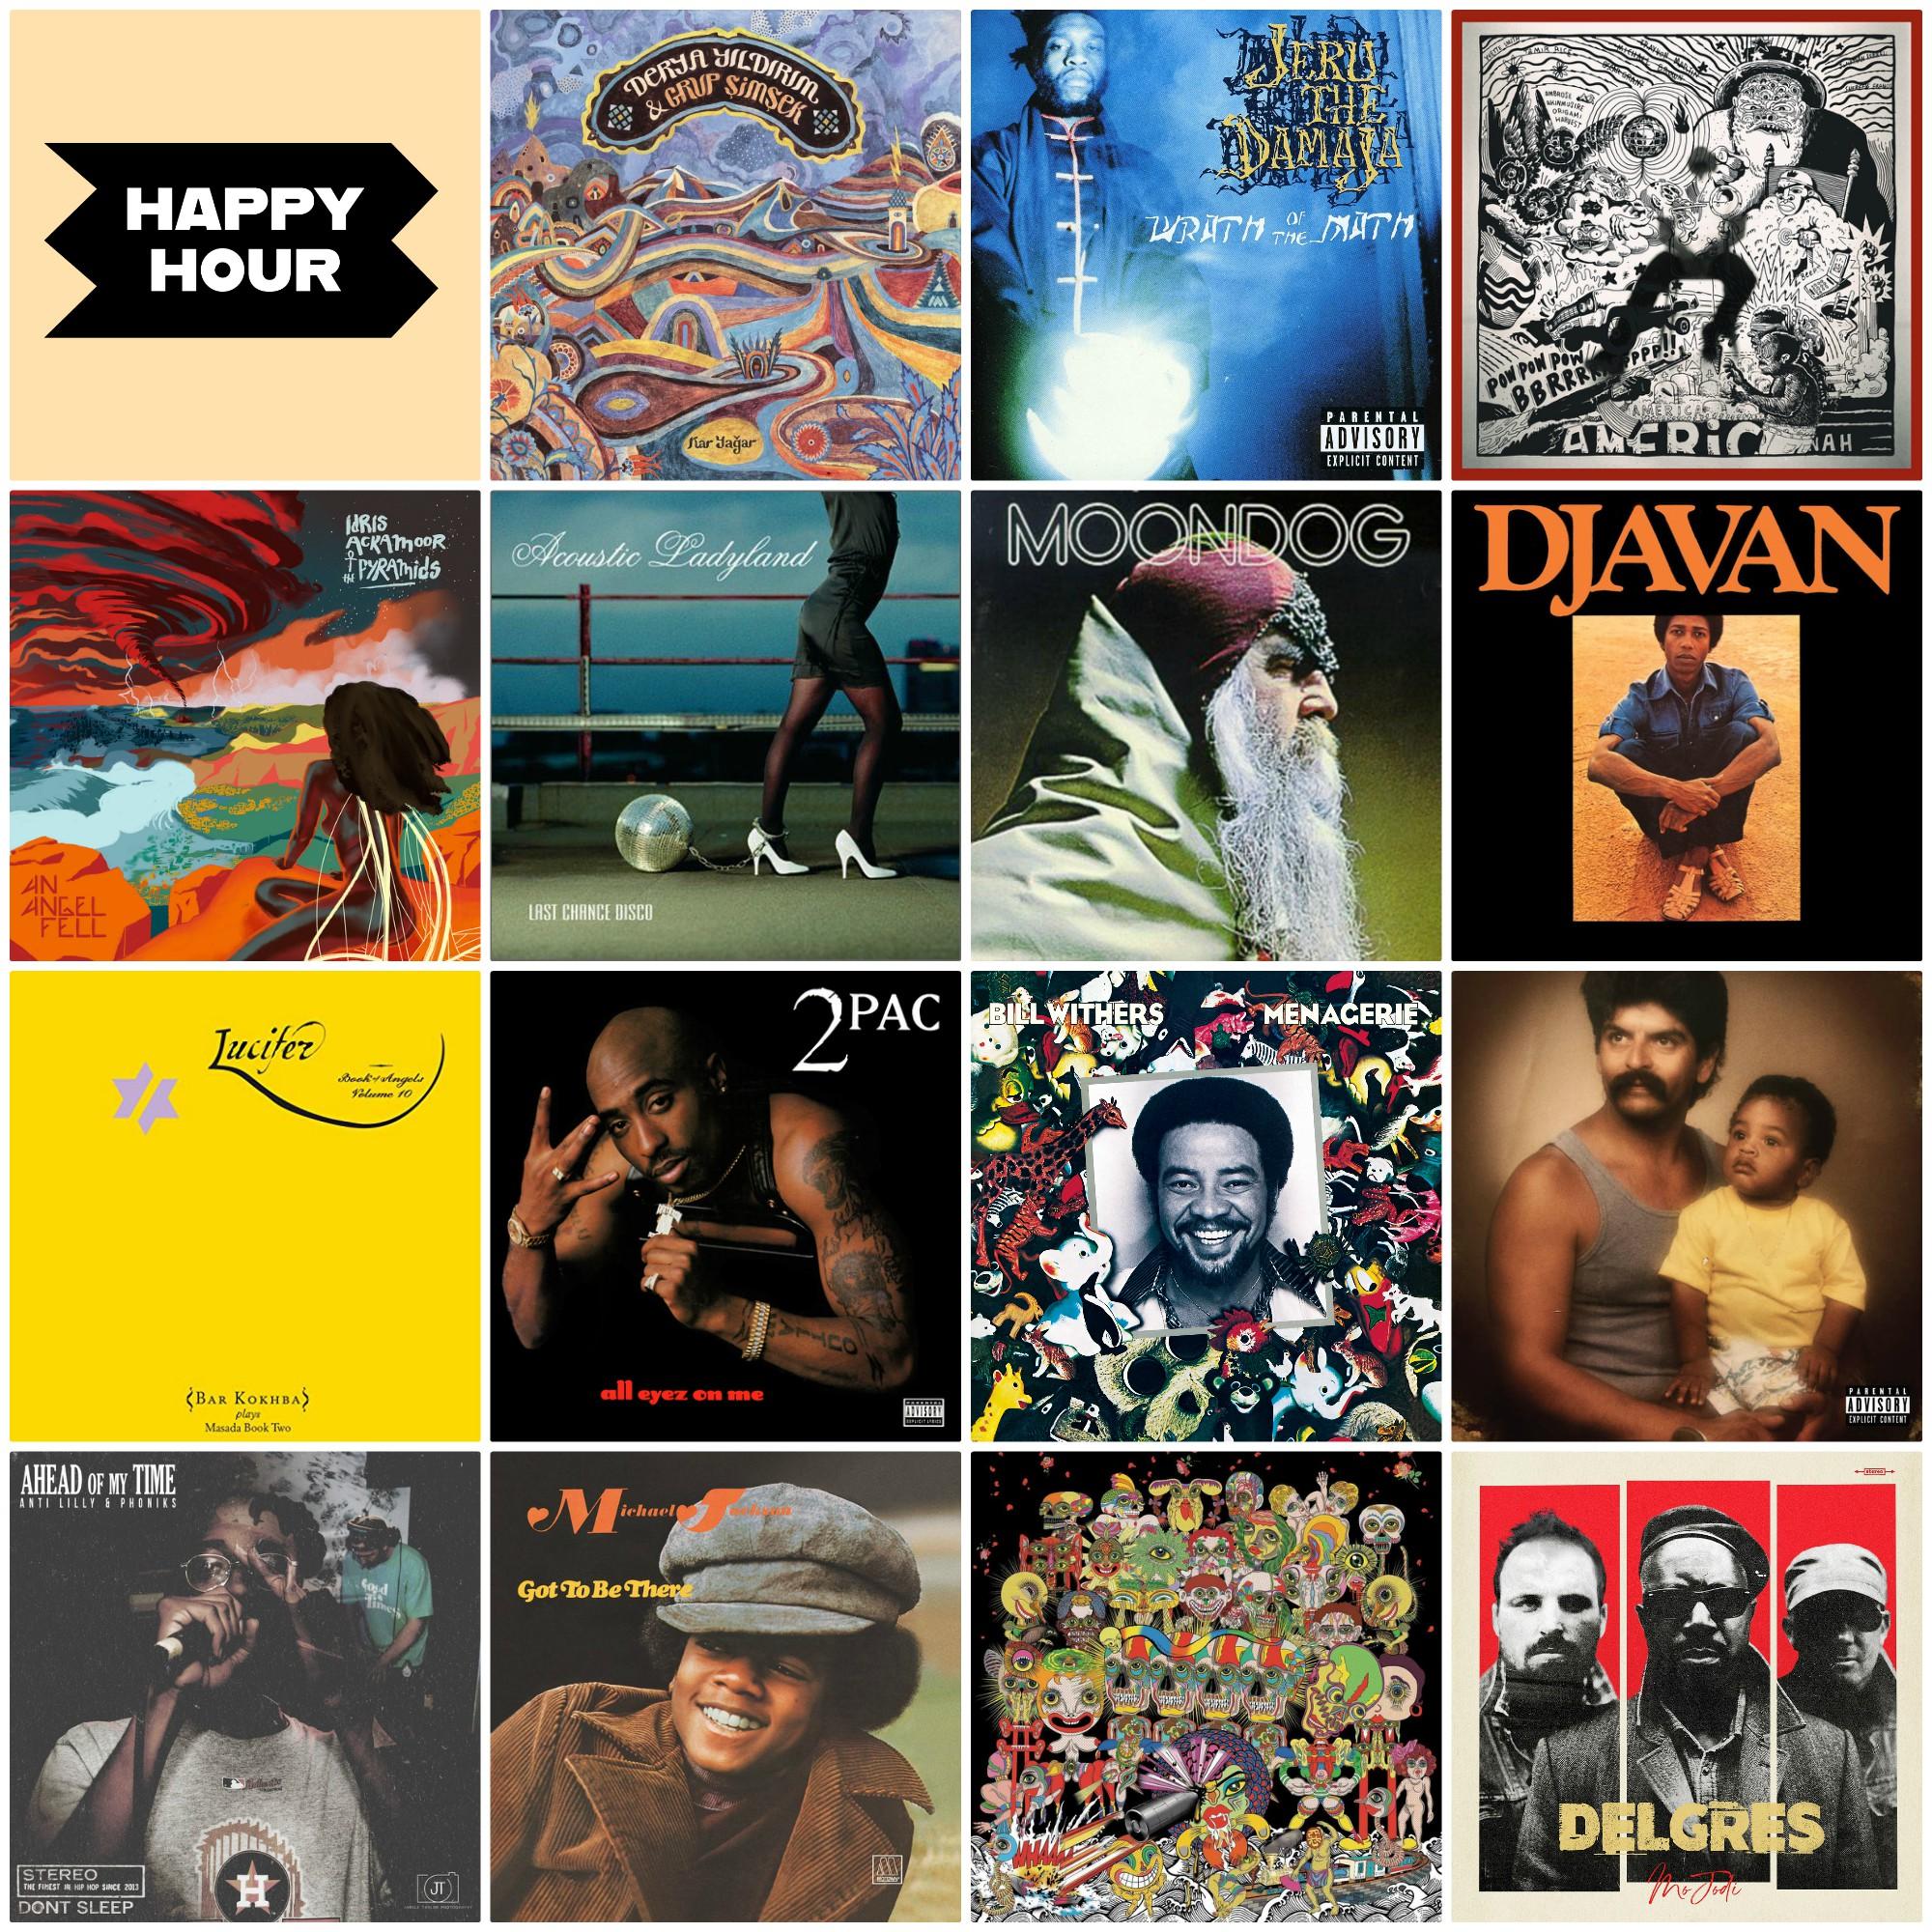 happy hour juin.jpg